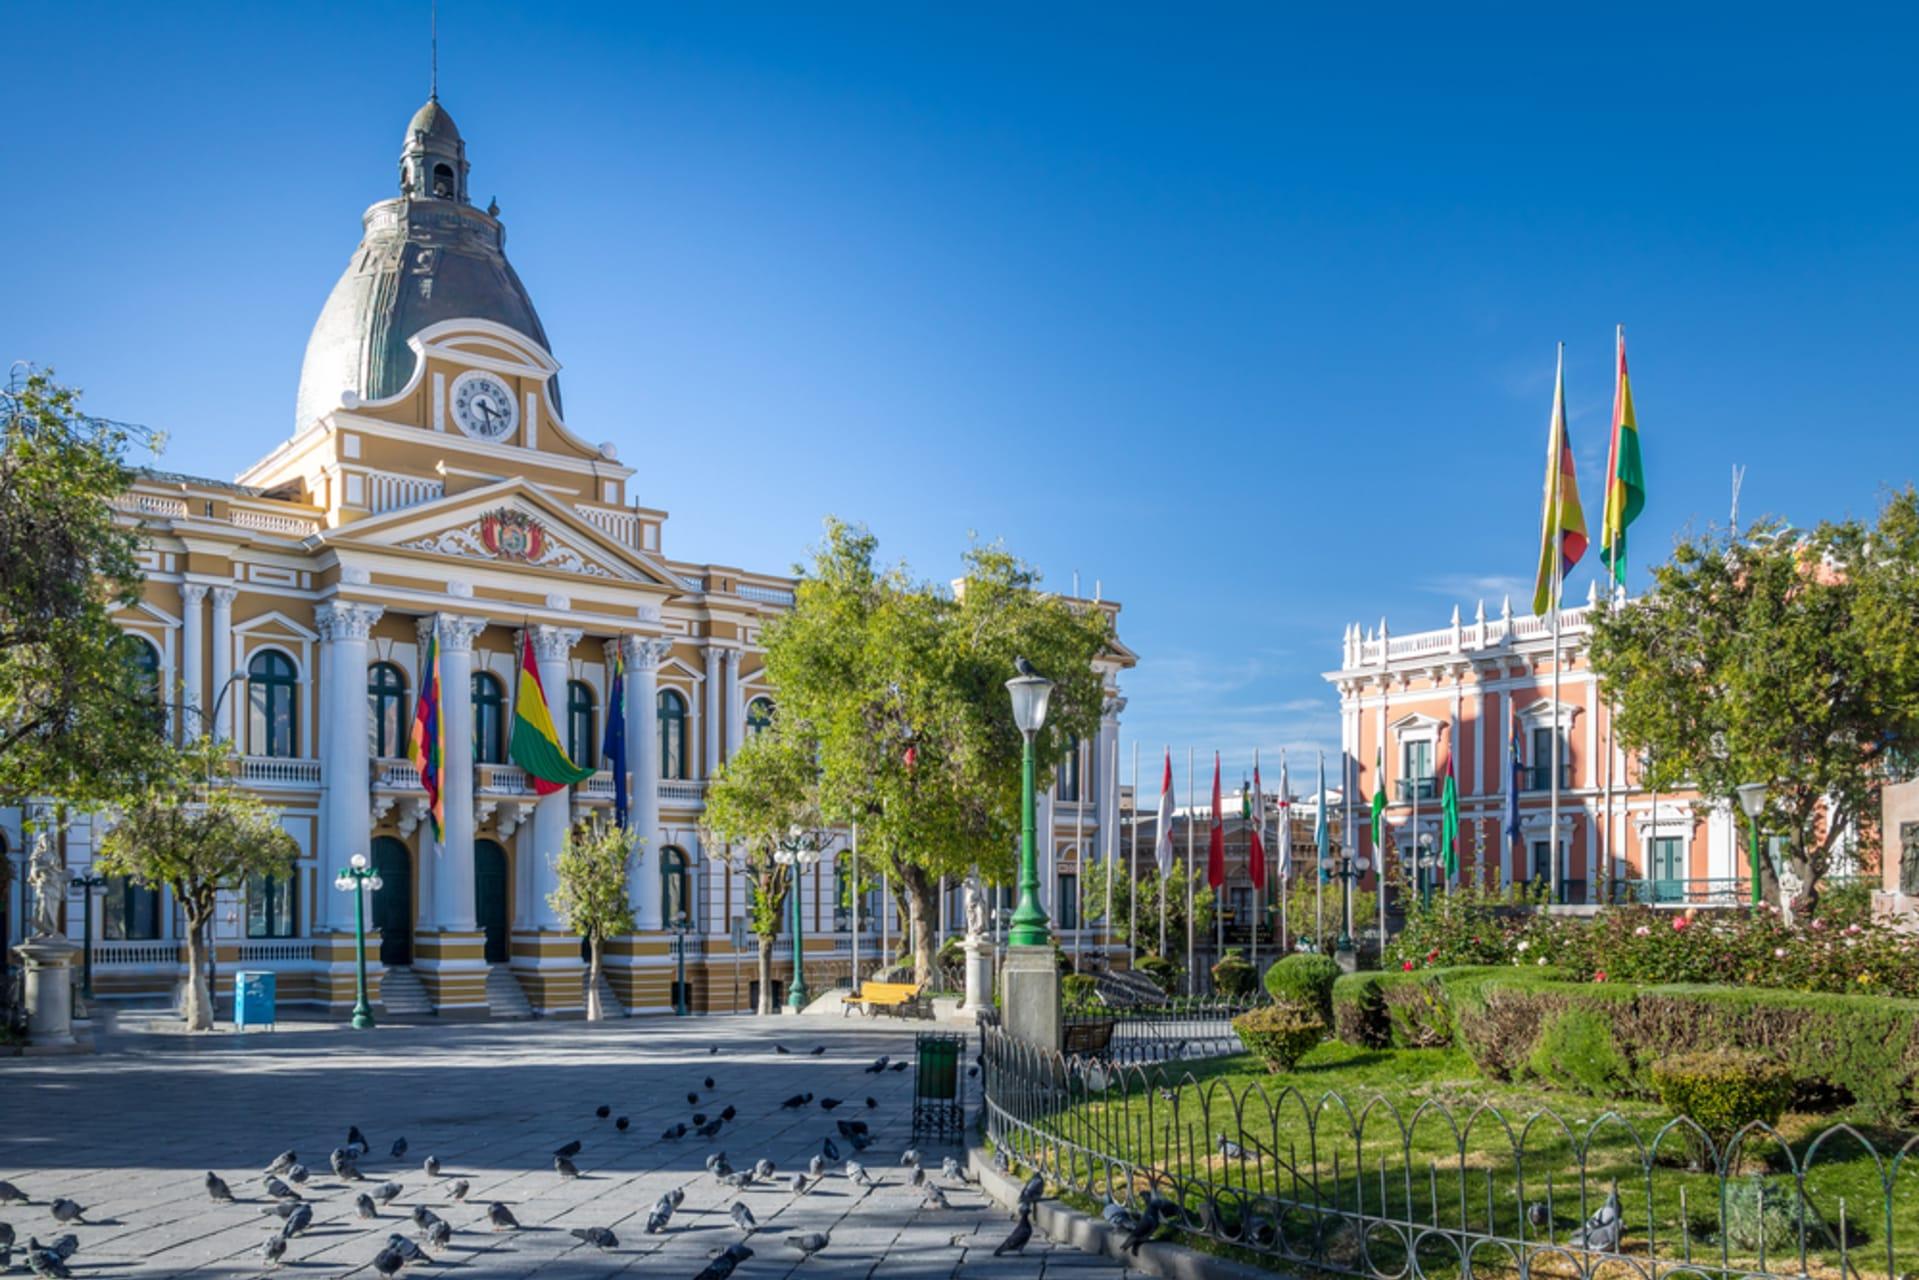 La Paz - The Historical Centre of Bolivia & Plaza Murillo